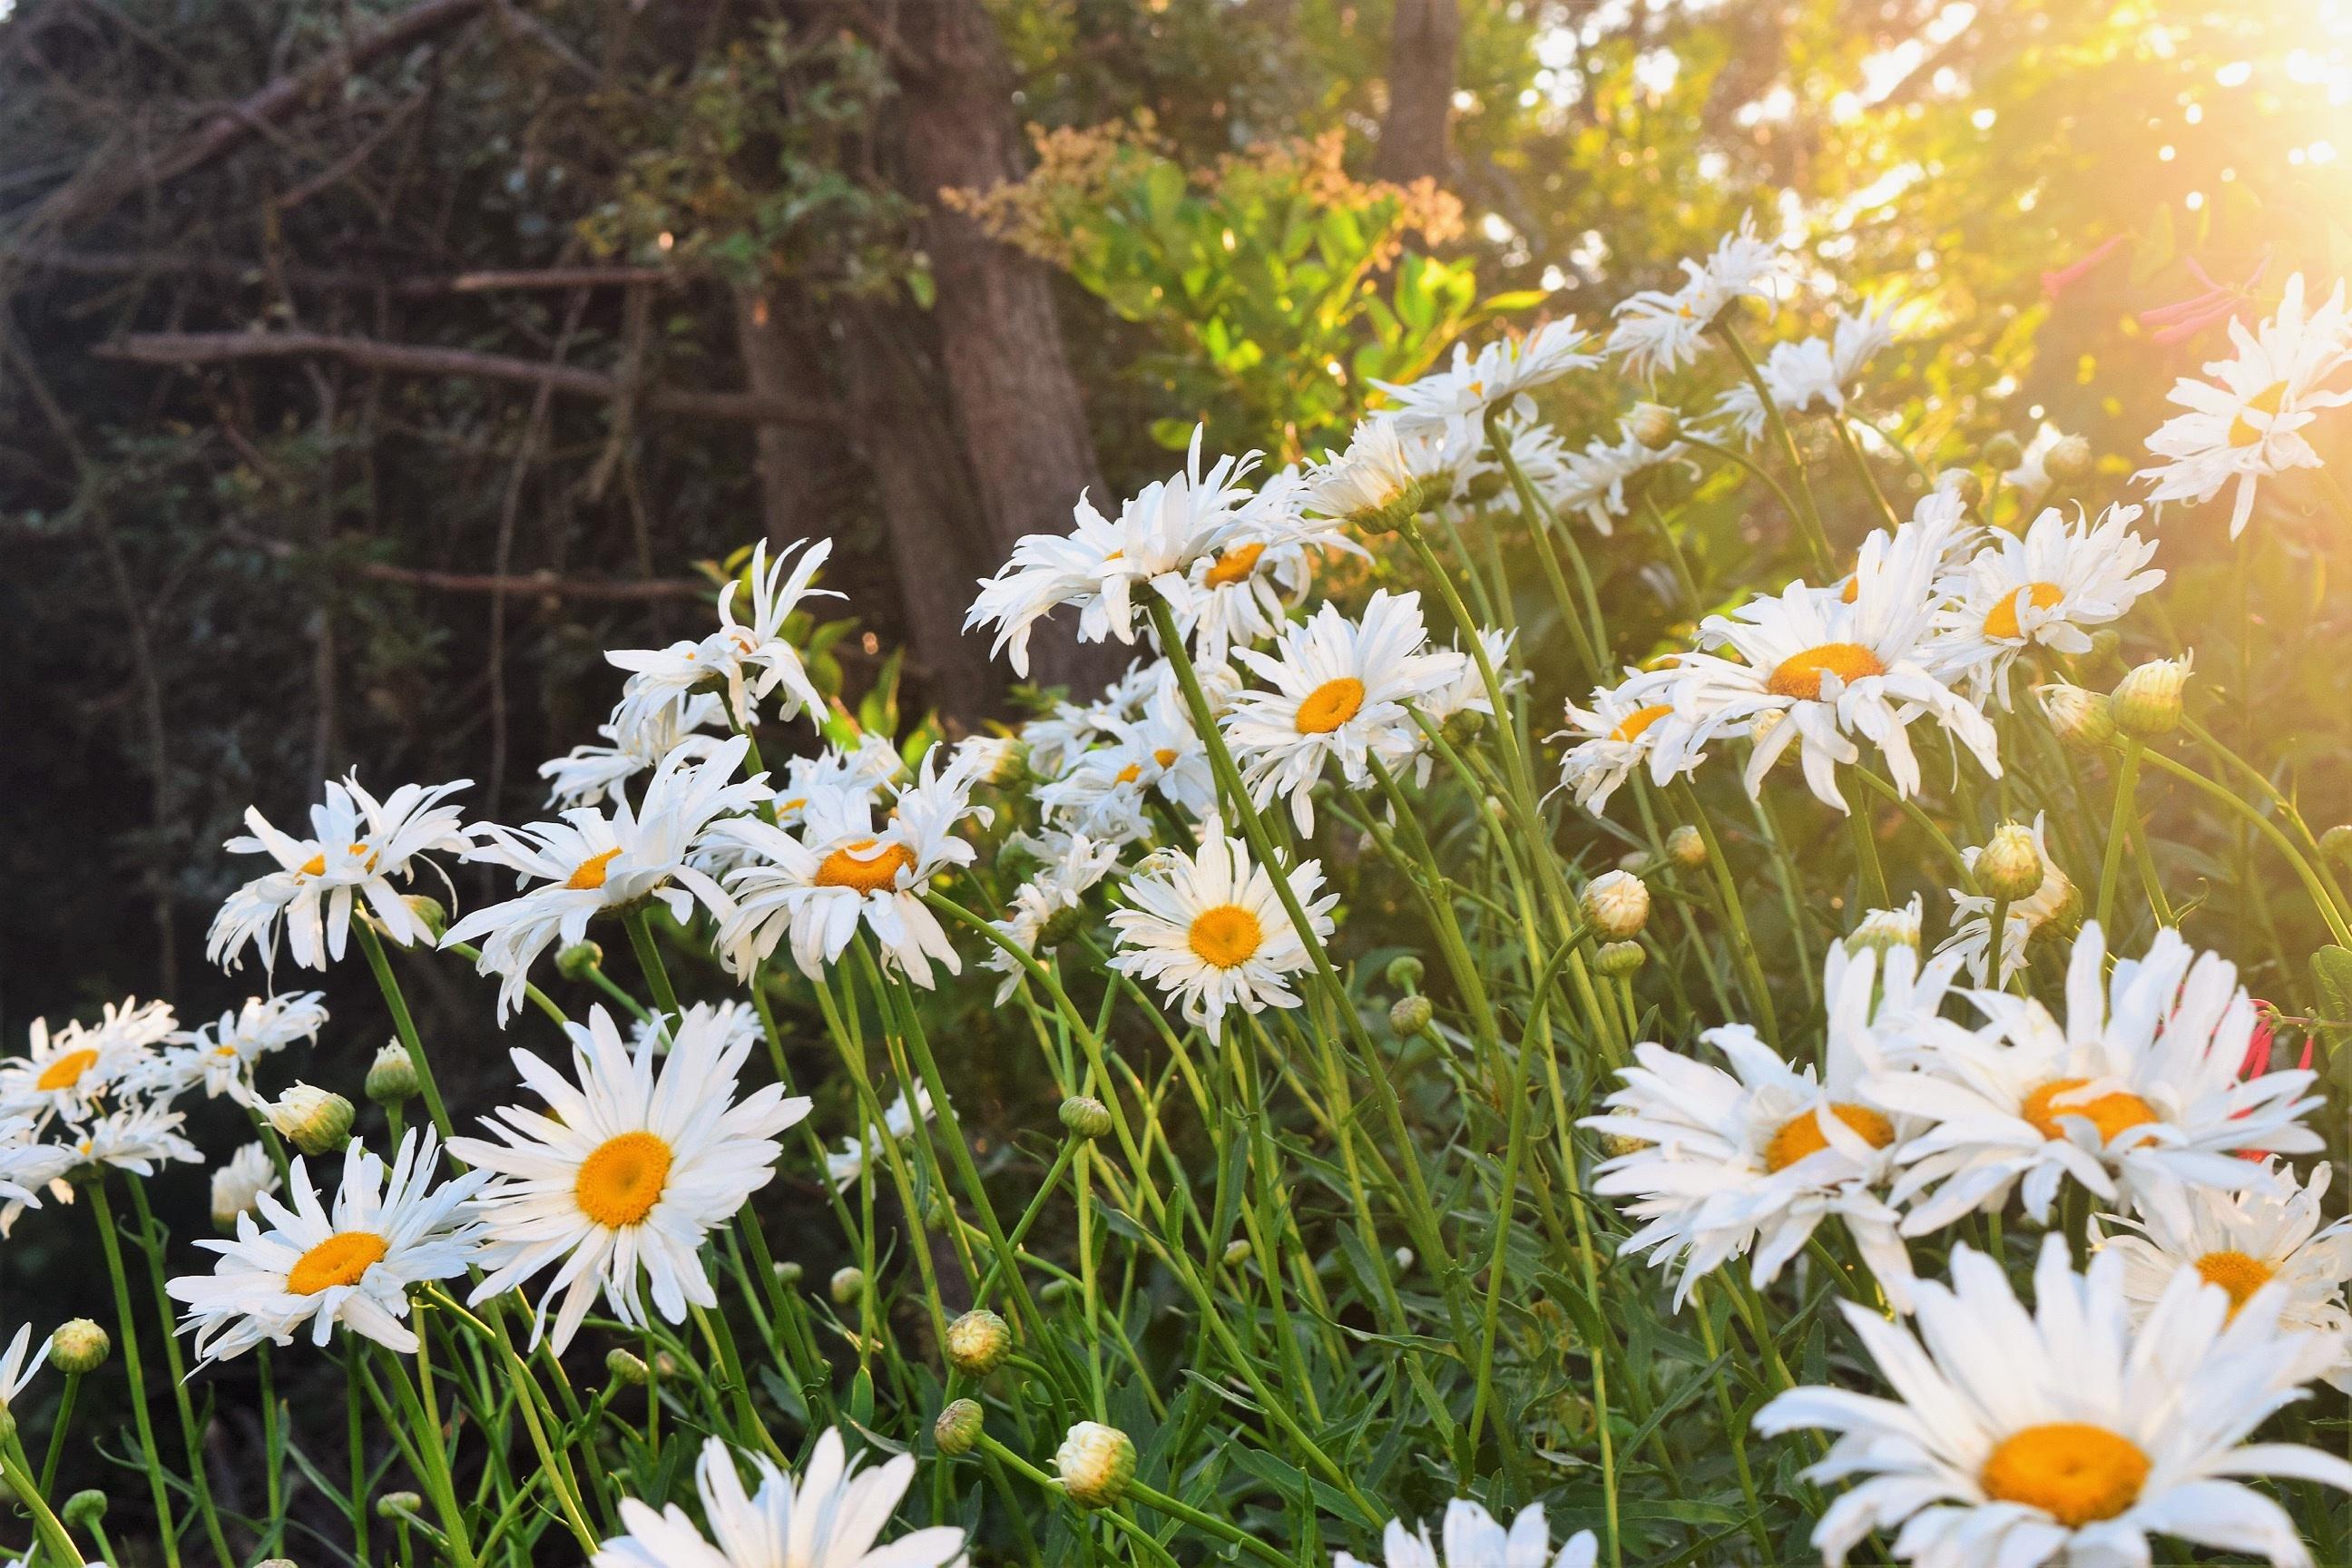 Images Gratuites Herbe Fleur Pelouse Prairie Botanique Jardin